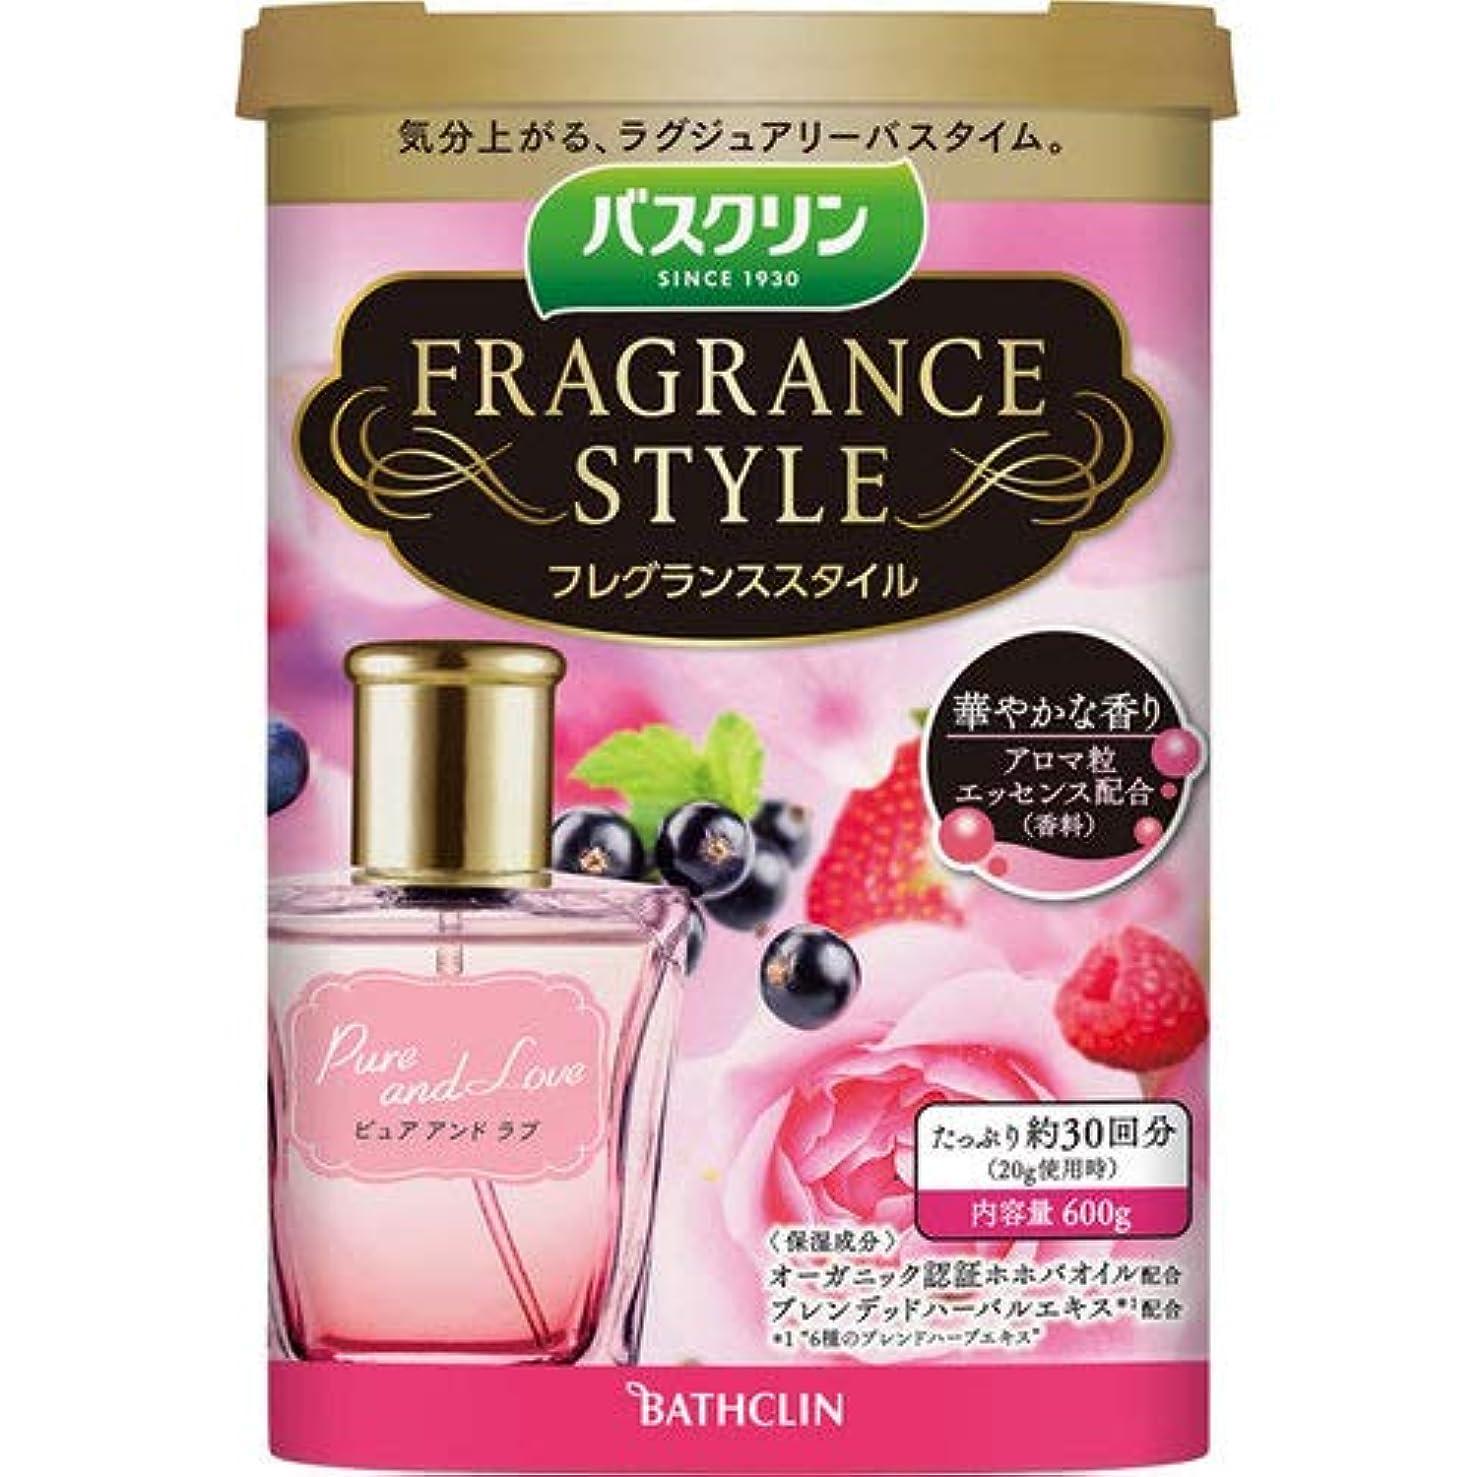 血色の良いメタリック式バスクリンフレグランススタイルピュア アンド ラブ 入浴剤 フルーティーローズ調の香りの入浴剤 600g